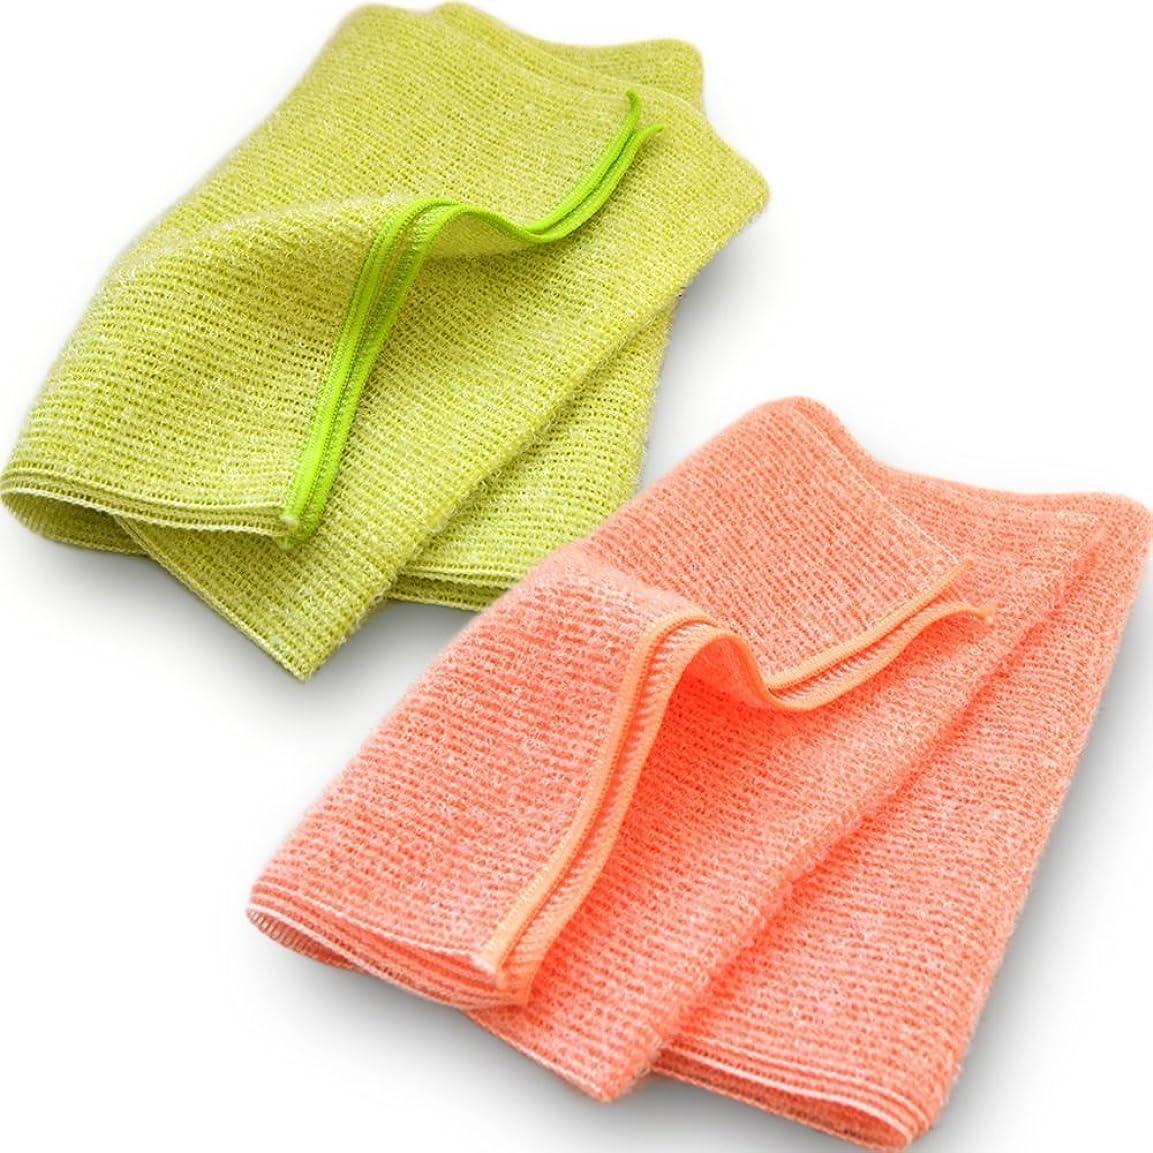 デザイナーエール助けになるブルーム なめらかホイップ ボディタオル とうもろこし繊維100% 弱酸性 2枚セット (サーモンピンク×グリーン)